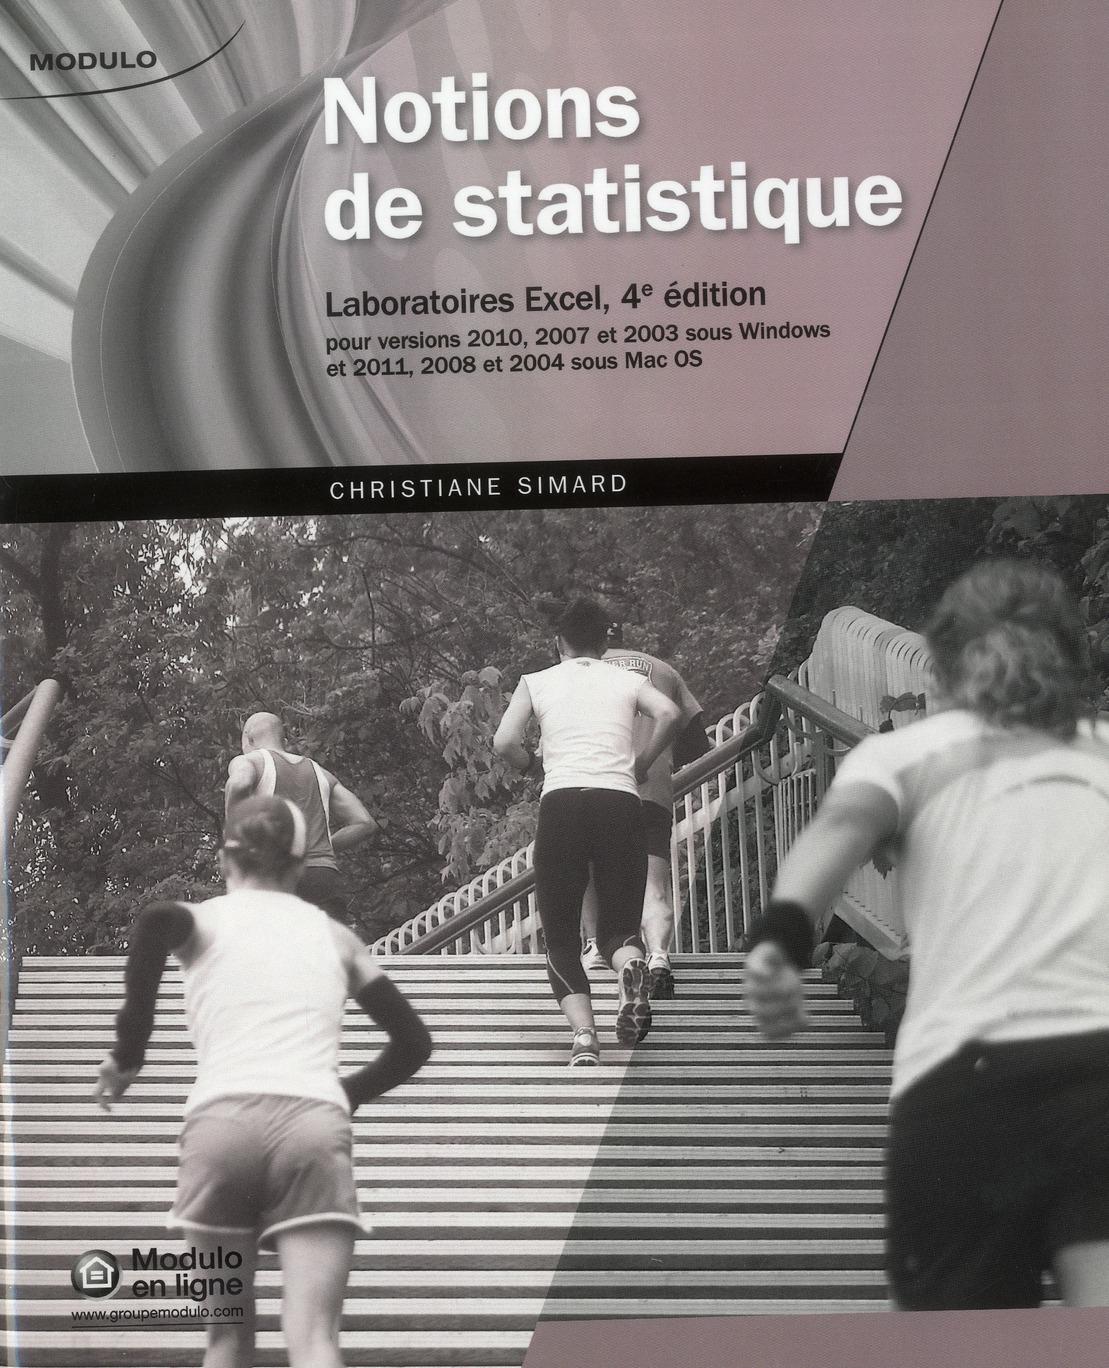 NOTIONS DE STATISTIQUES, LABORATOIRE EXCEL